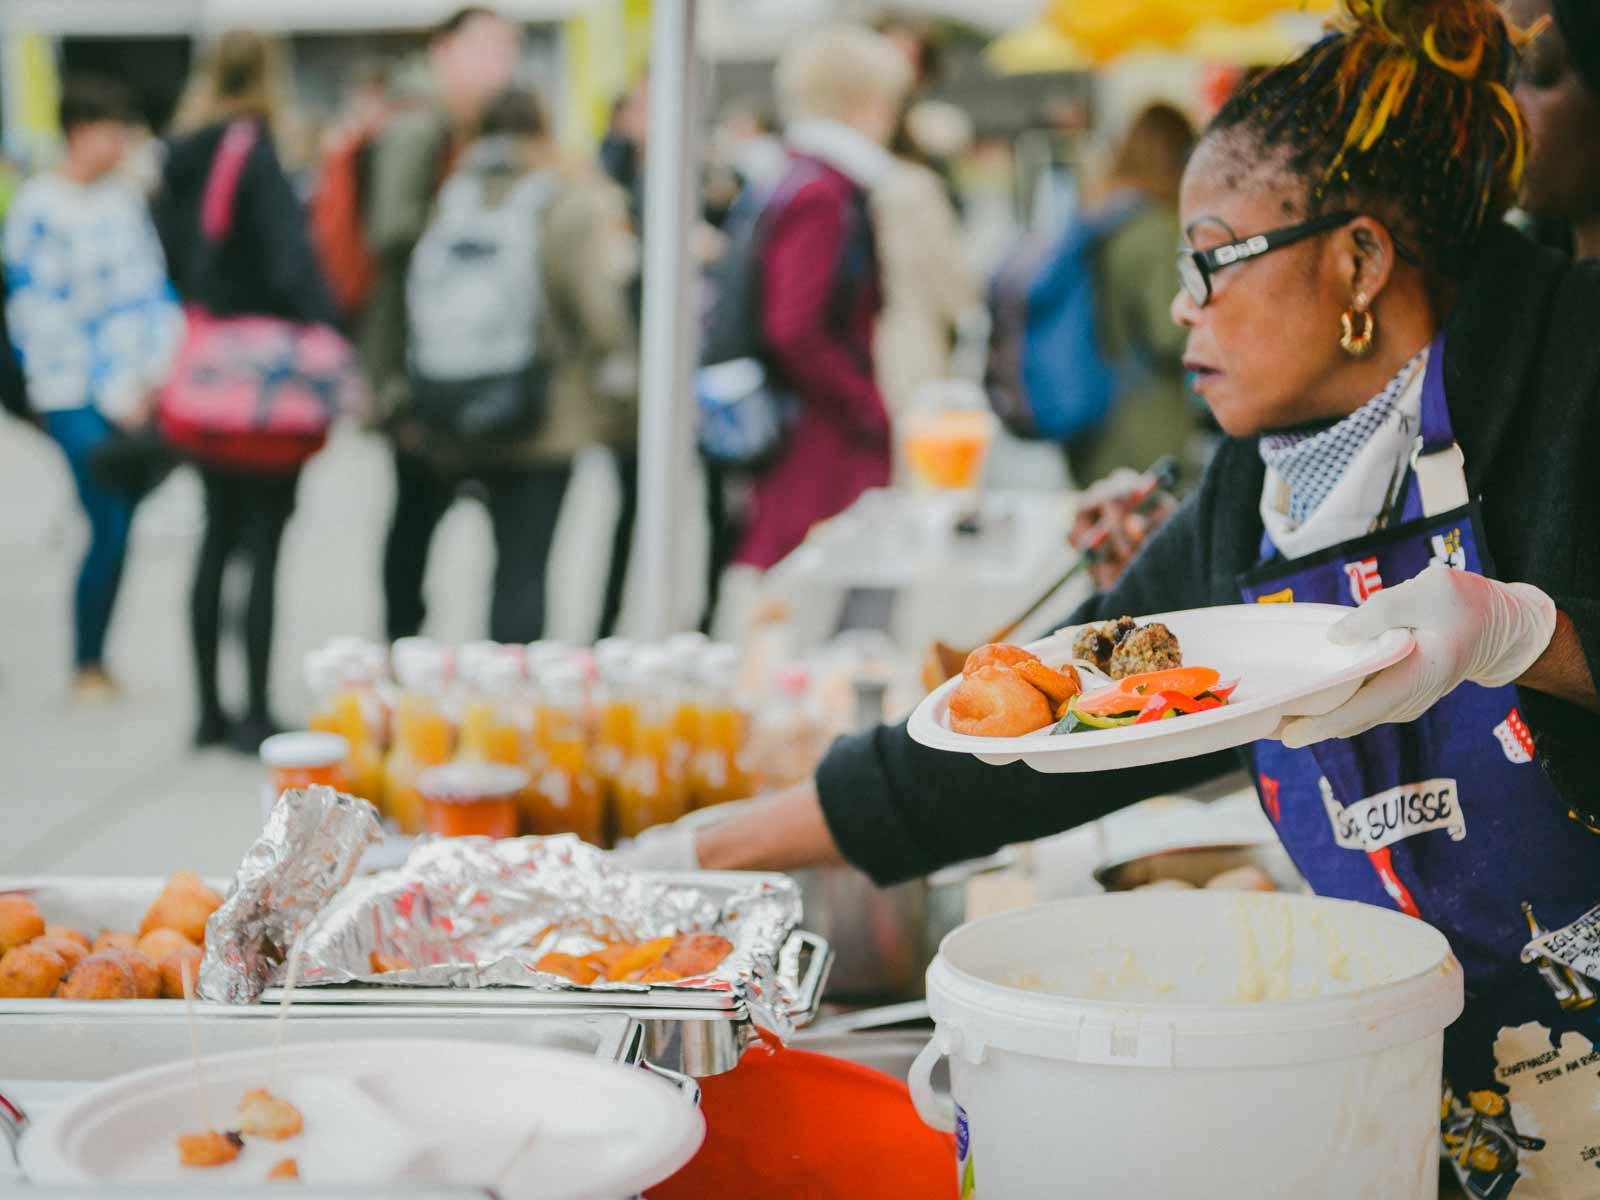 Der Lunch Market bietet ein vielfältiges Angebot an kulinarischen Köstlichkeiten.